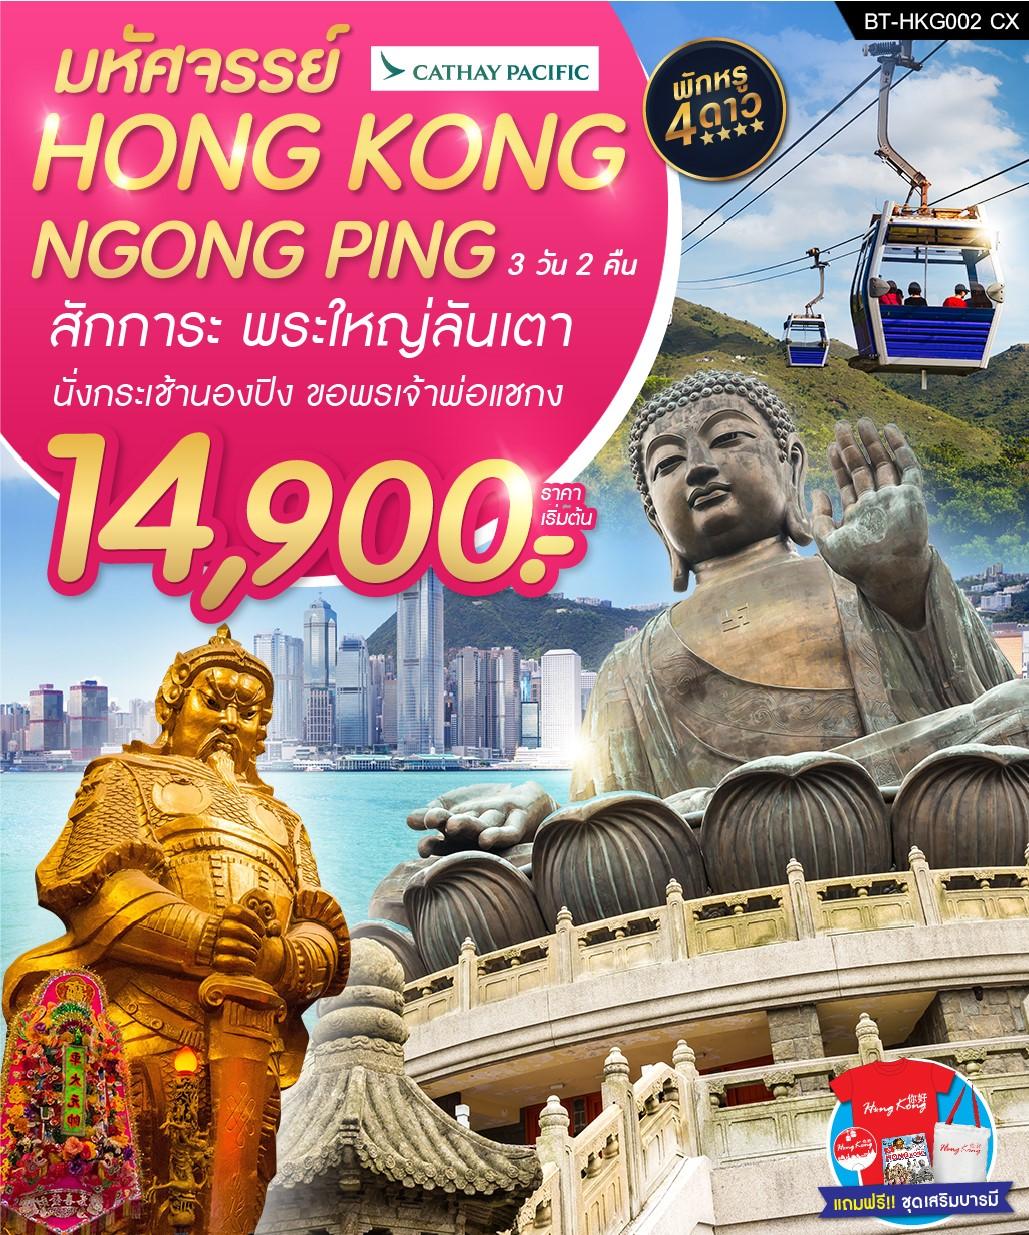 ทัวร์ฮ่องกง มหัศจรรย์ ฮ่องกง นองปิง 3วัน 2คืน (MAY-JUN19) BT-HKG002